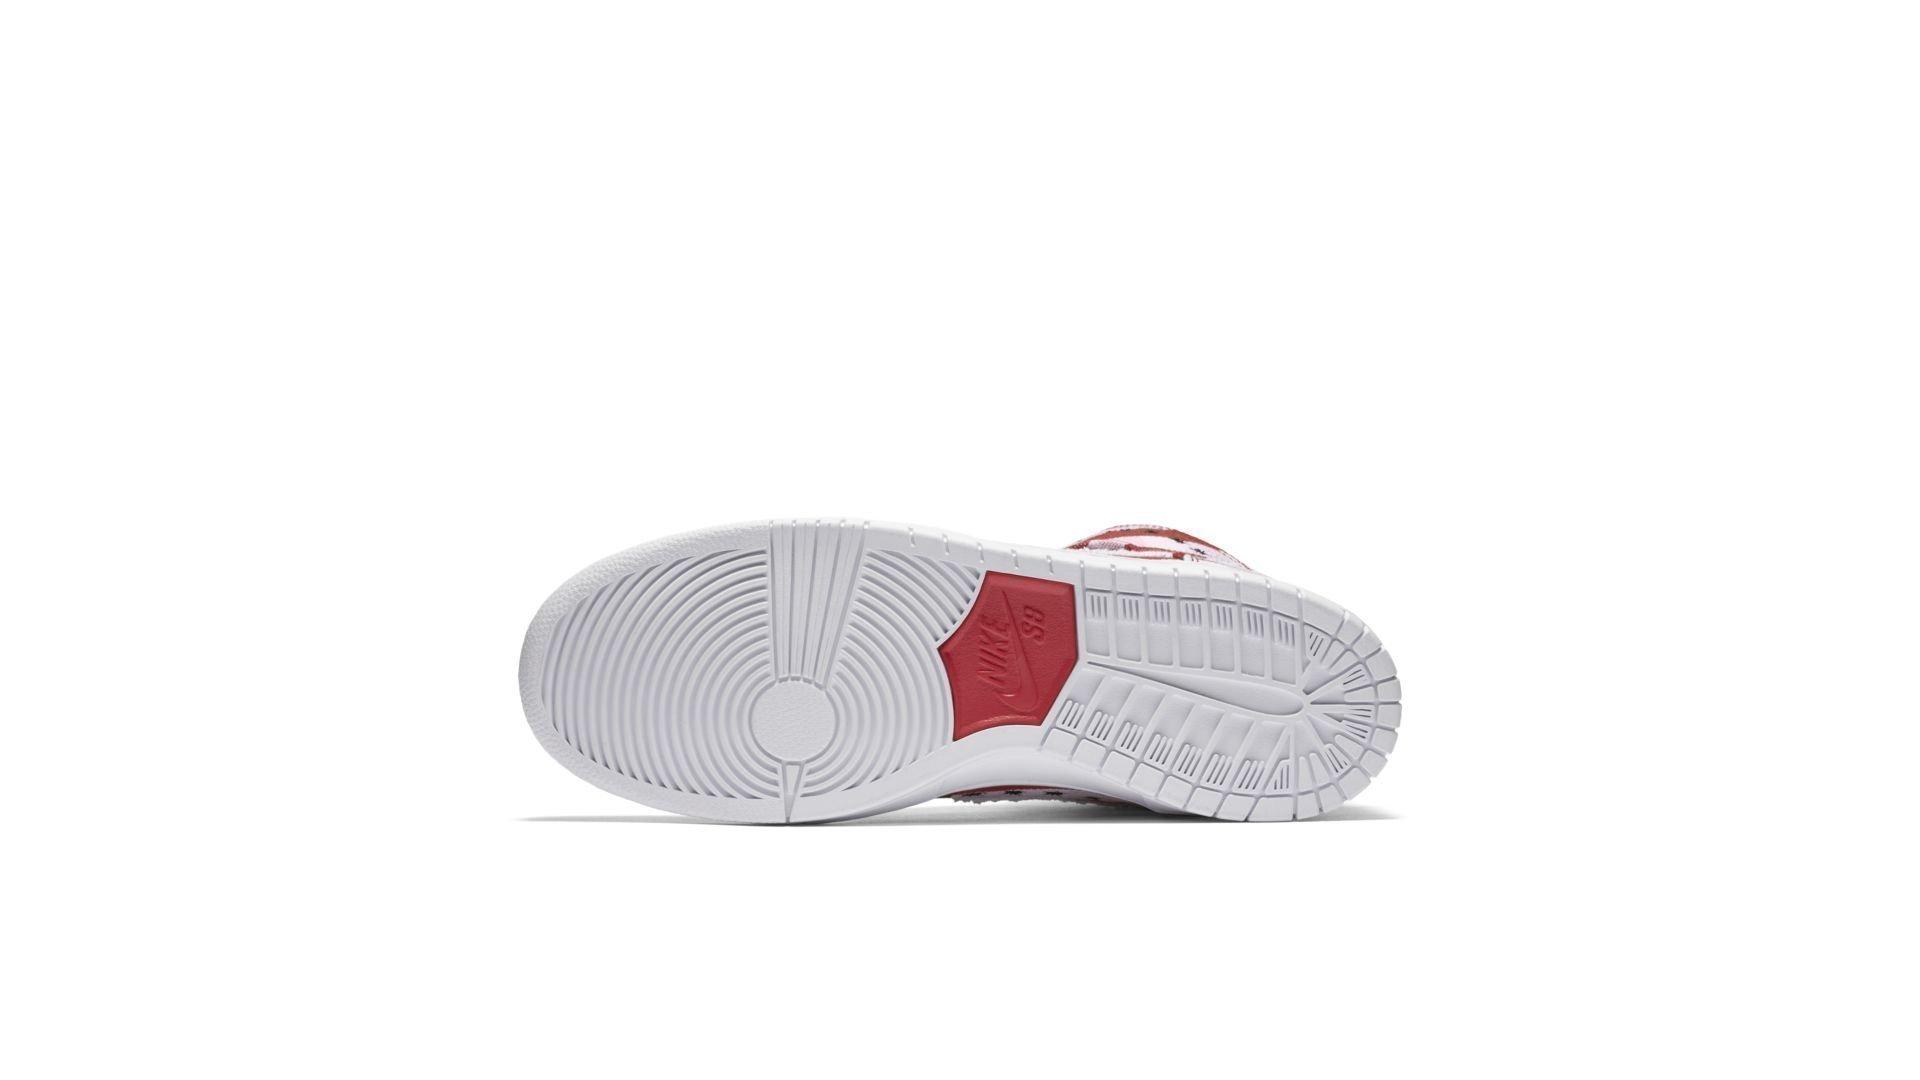 Nike SB Dunk High Picnic (305050-610)